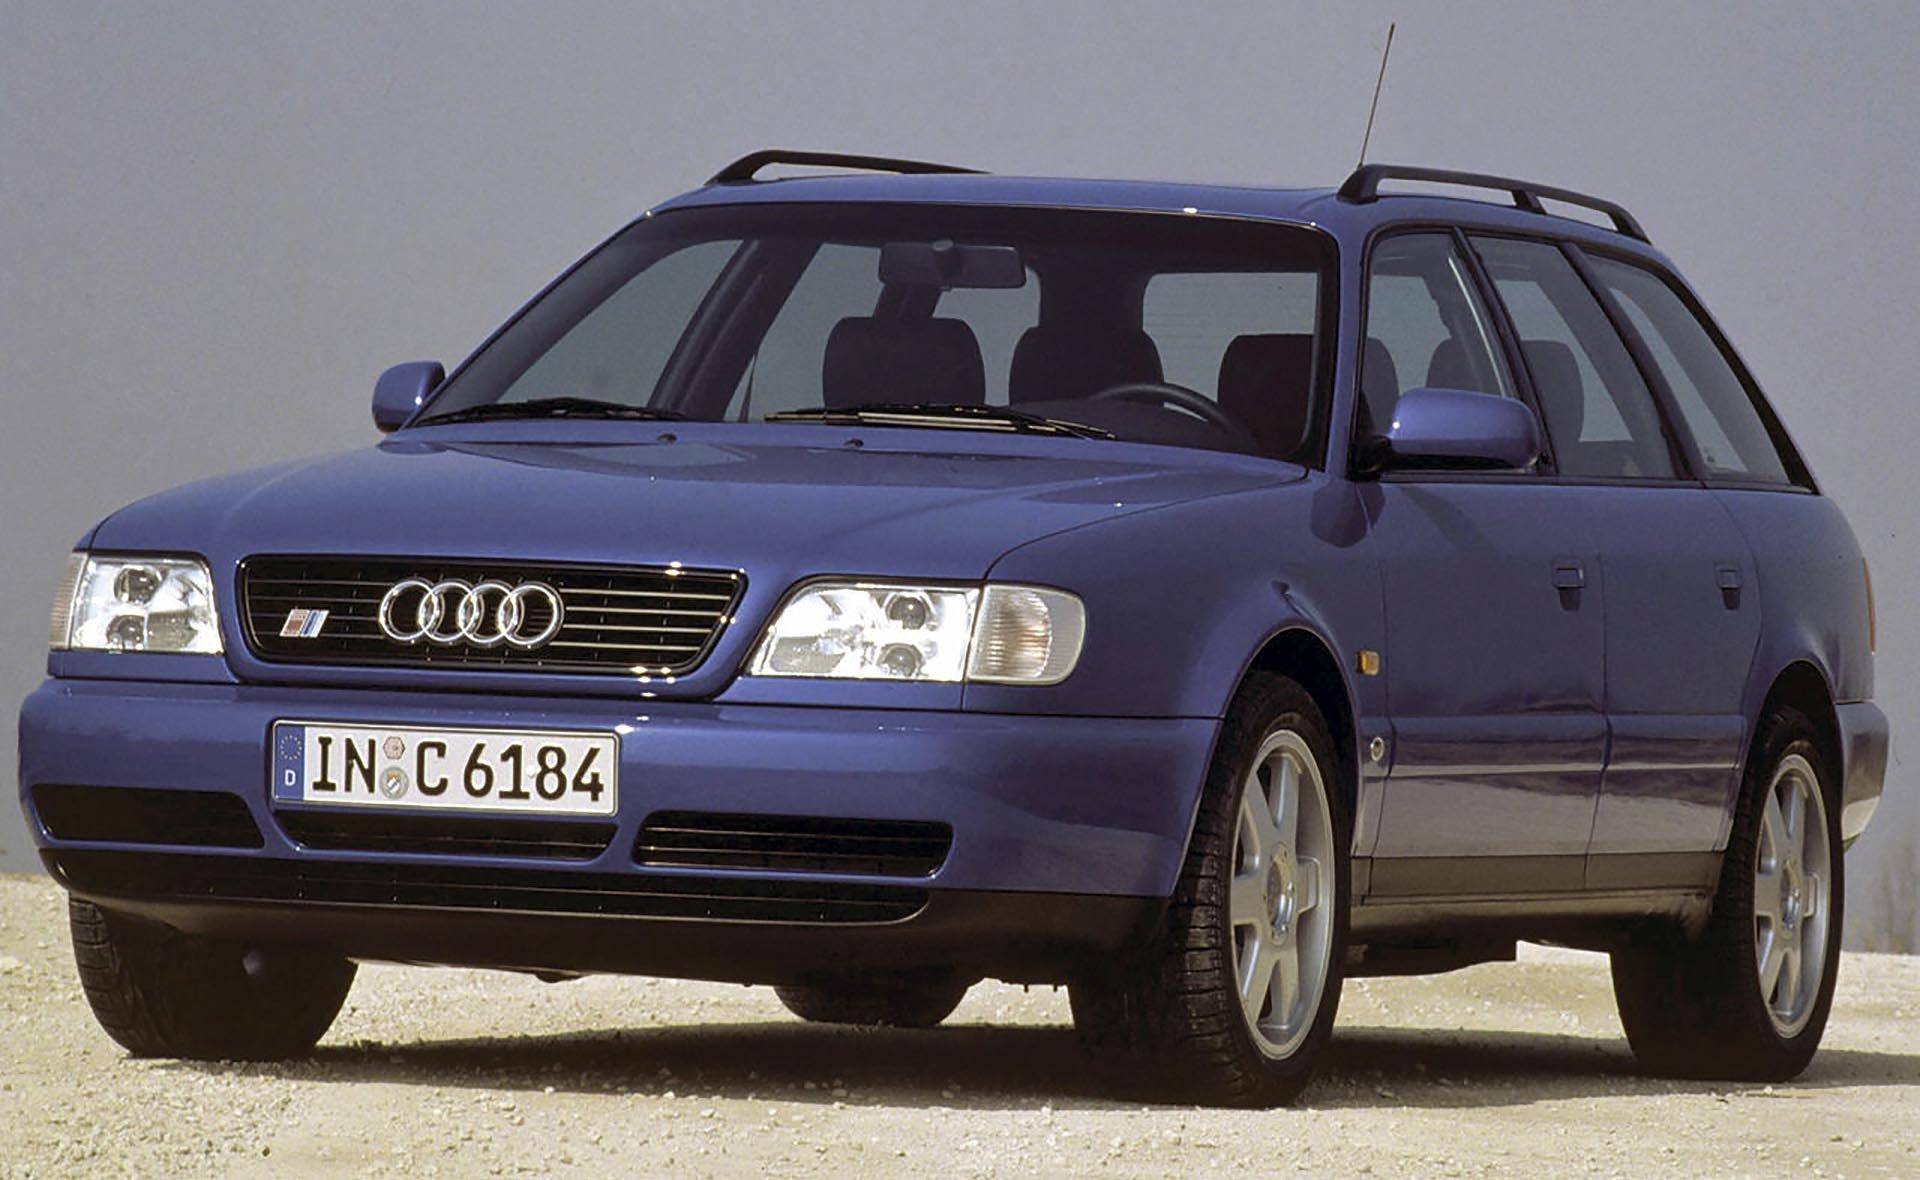 08_Audi C4 S6 2.2 turbo Quattro avant front